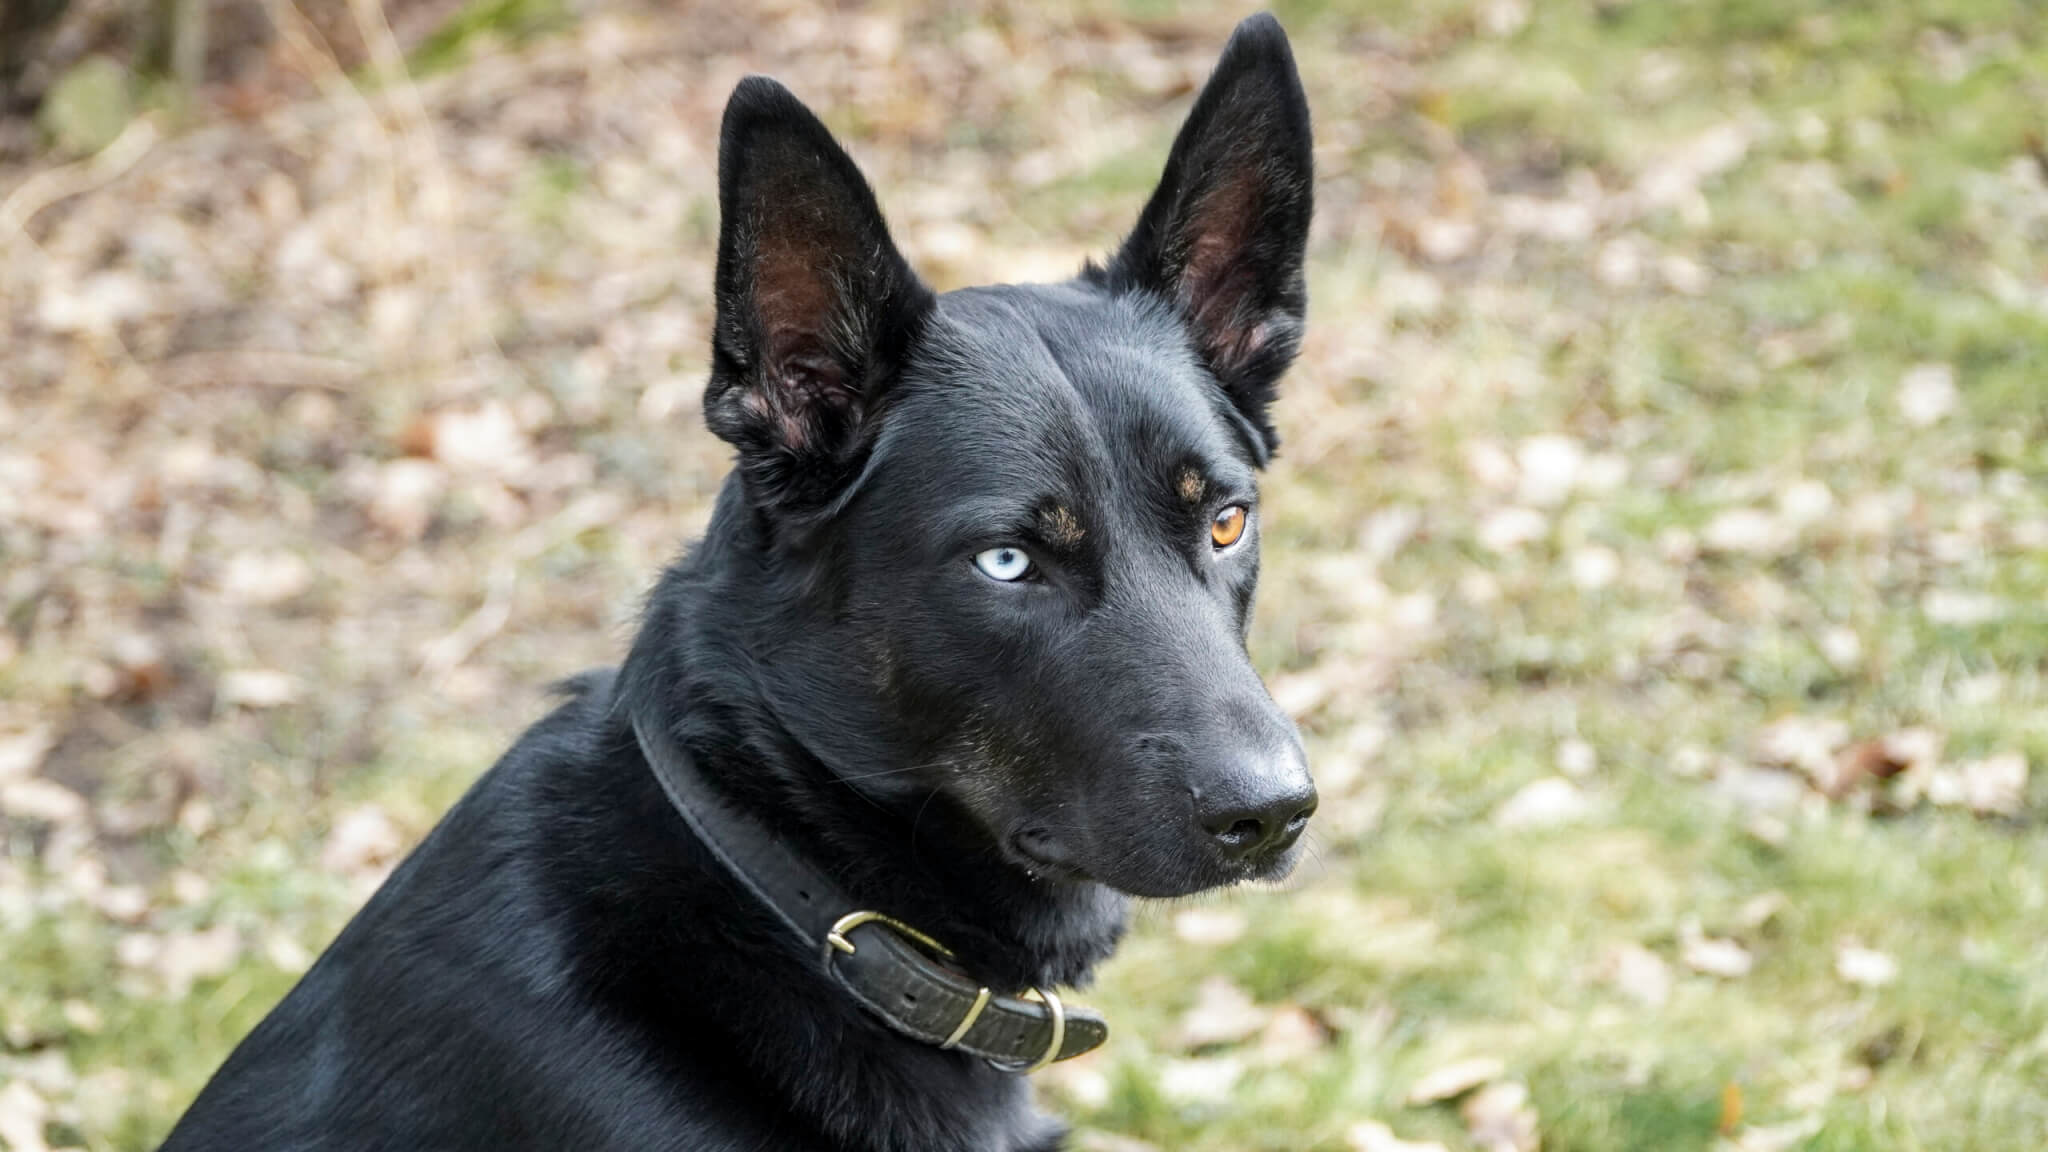 Efektivní rady pro úspěšný základní výcvik vašeho pejska podle MyDr.Dog